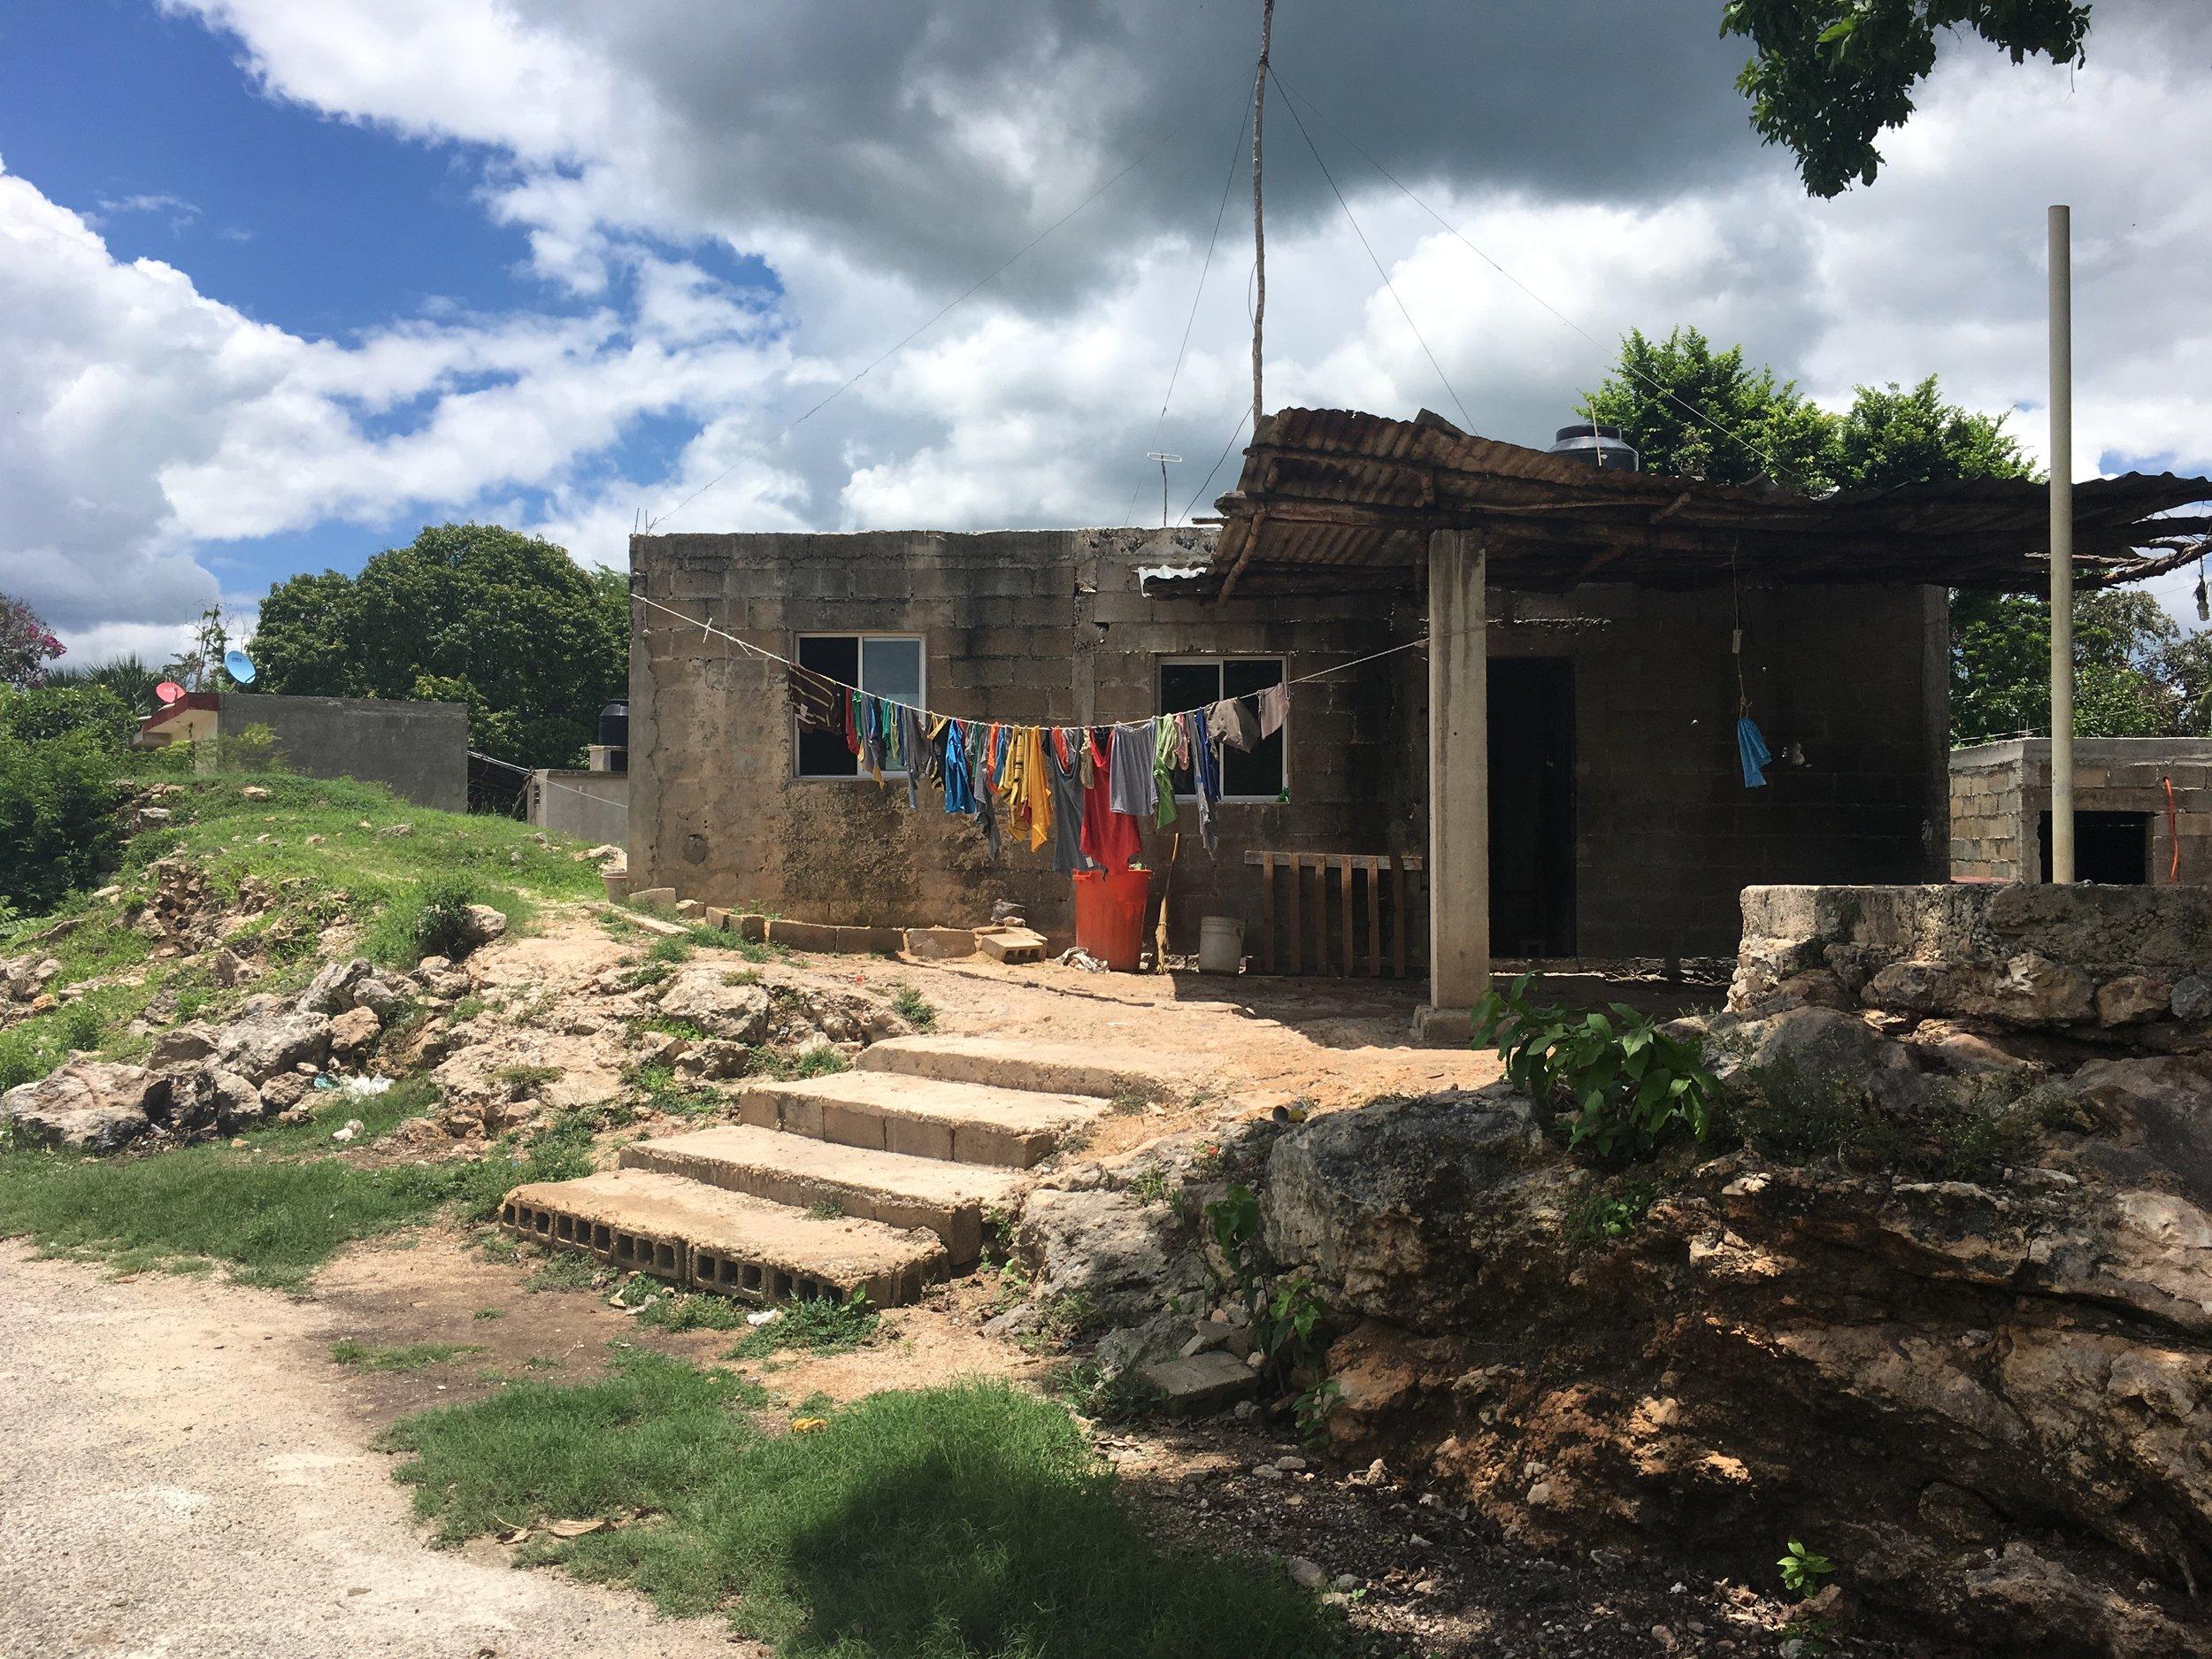 Üks kodu Mehhikos Sanhcati külas